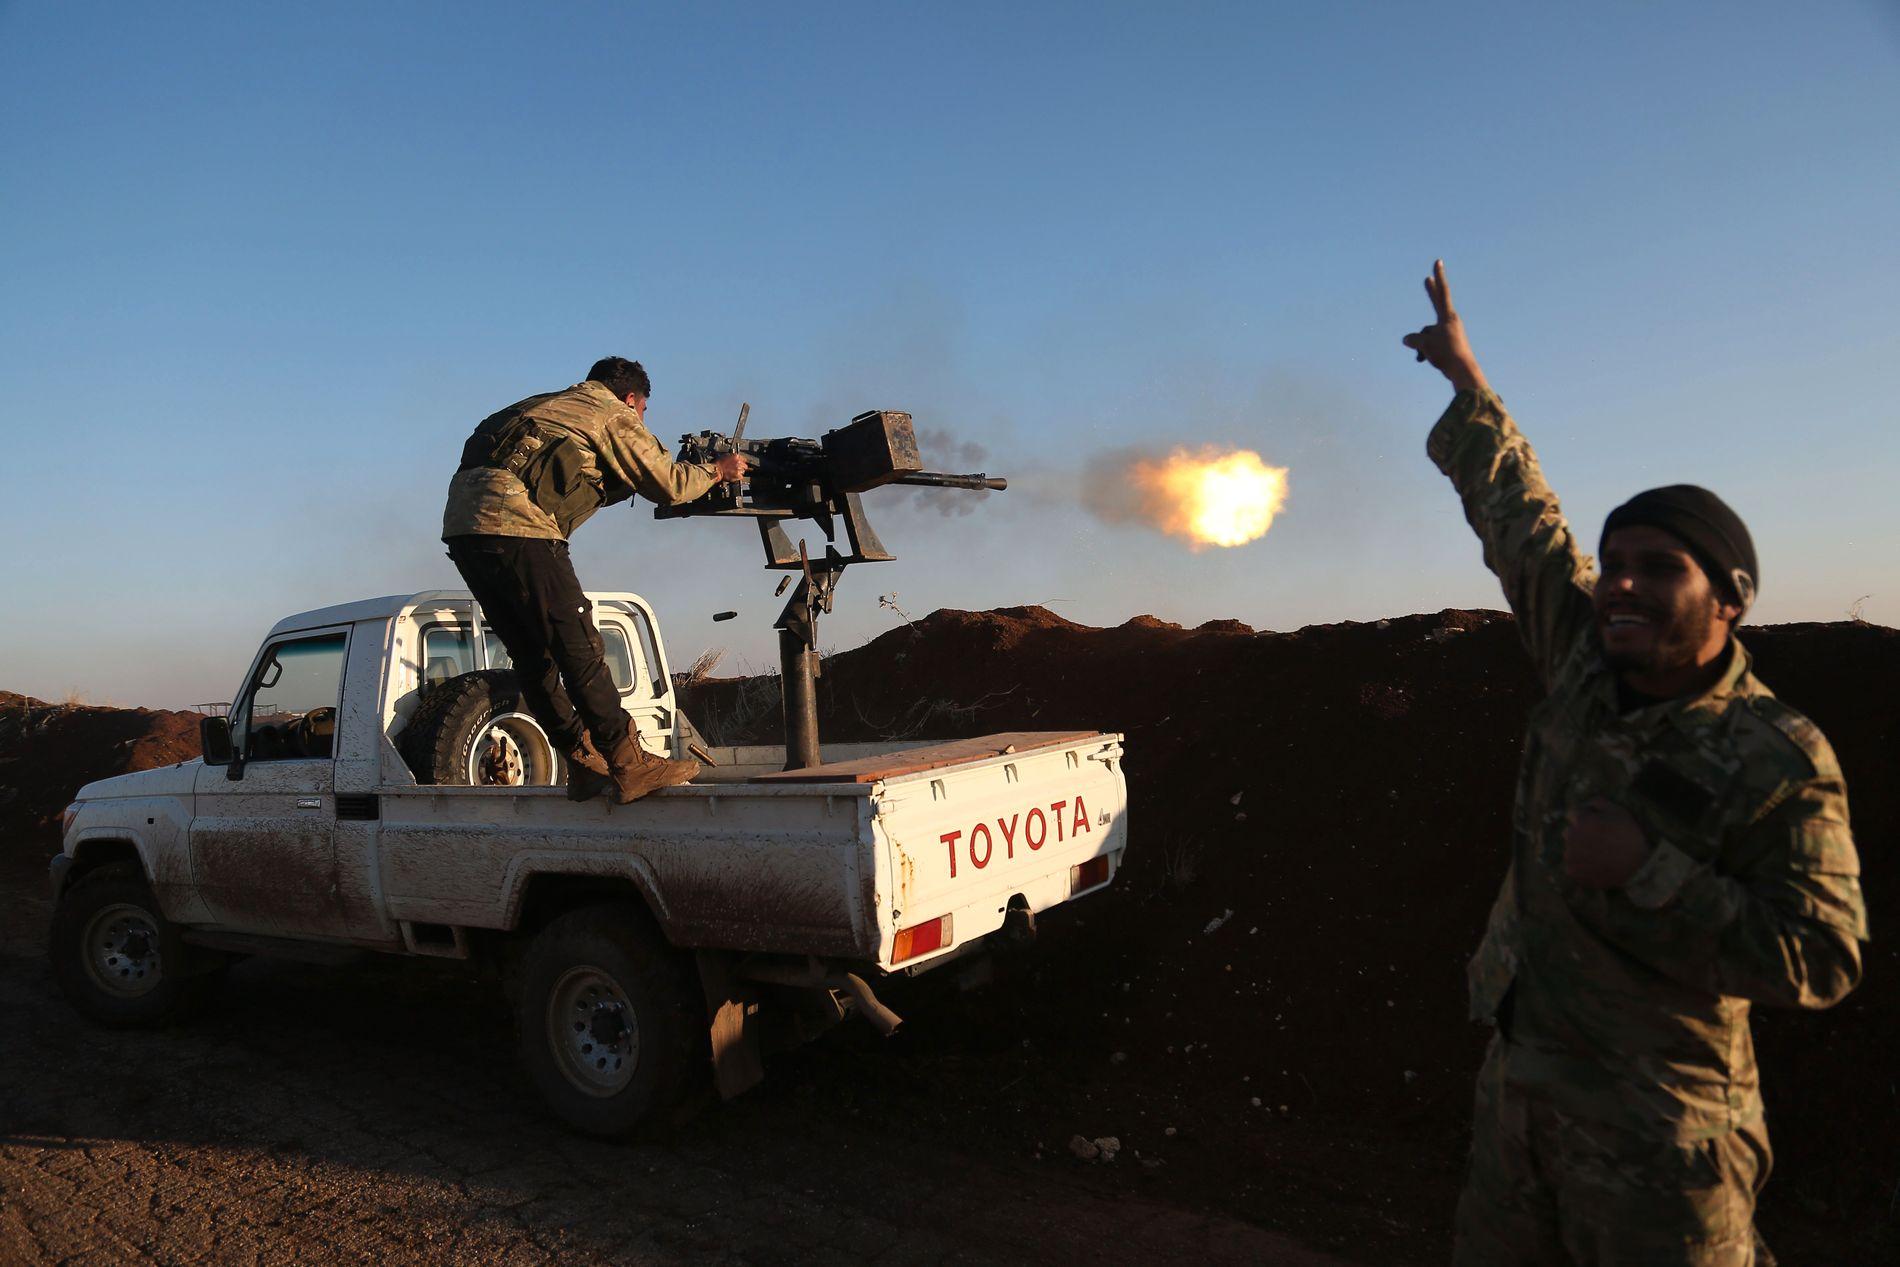 STØTTET AV TYRKIA: Krigere fra Free Syrian Army, støttet av Tyrkia, ved landsbyen Um Al-Osh. De rykker mot Afrin fra Hatay-provinsen i Tyrkia lørdag 20. januar.